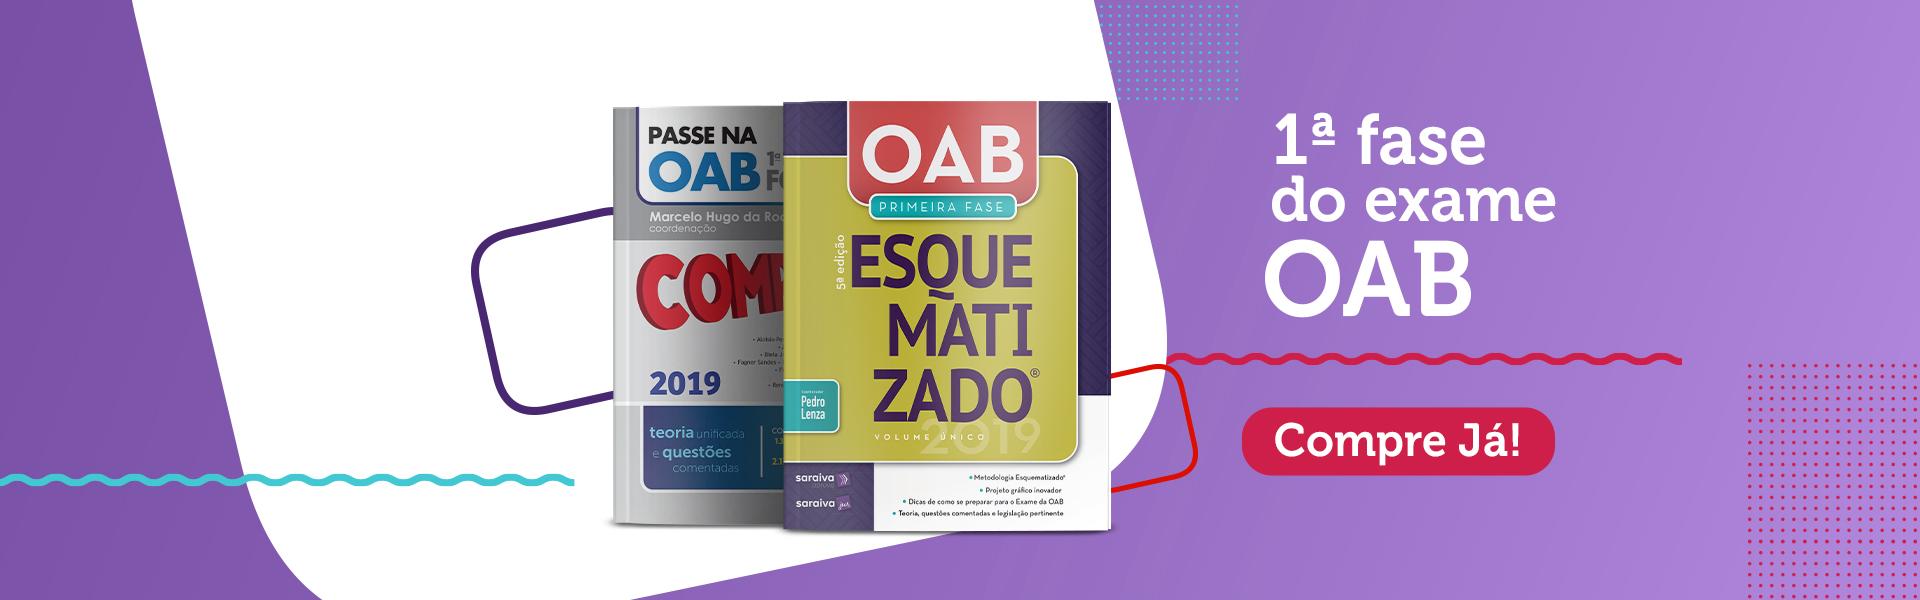 passe-na-oab-1-e-2-2019